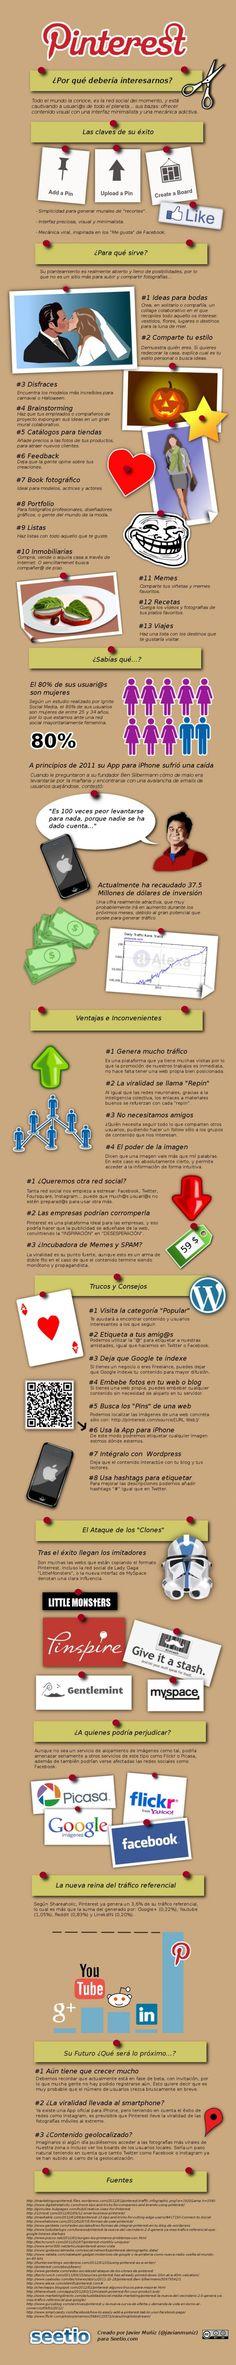 Por que debe interesarnos Pinterest #infografia #pinteresting